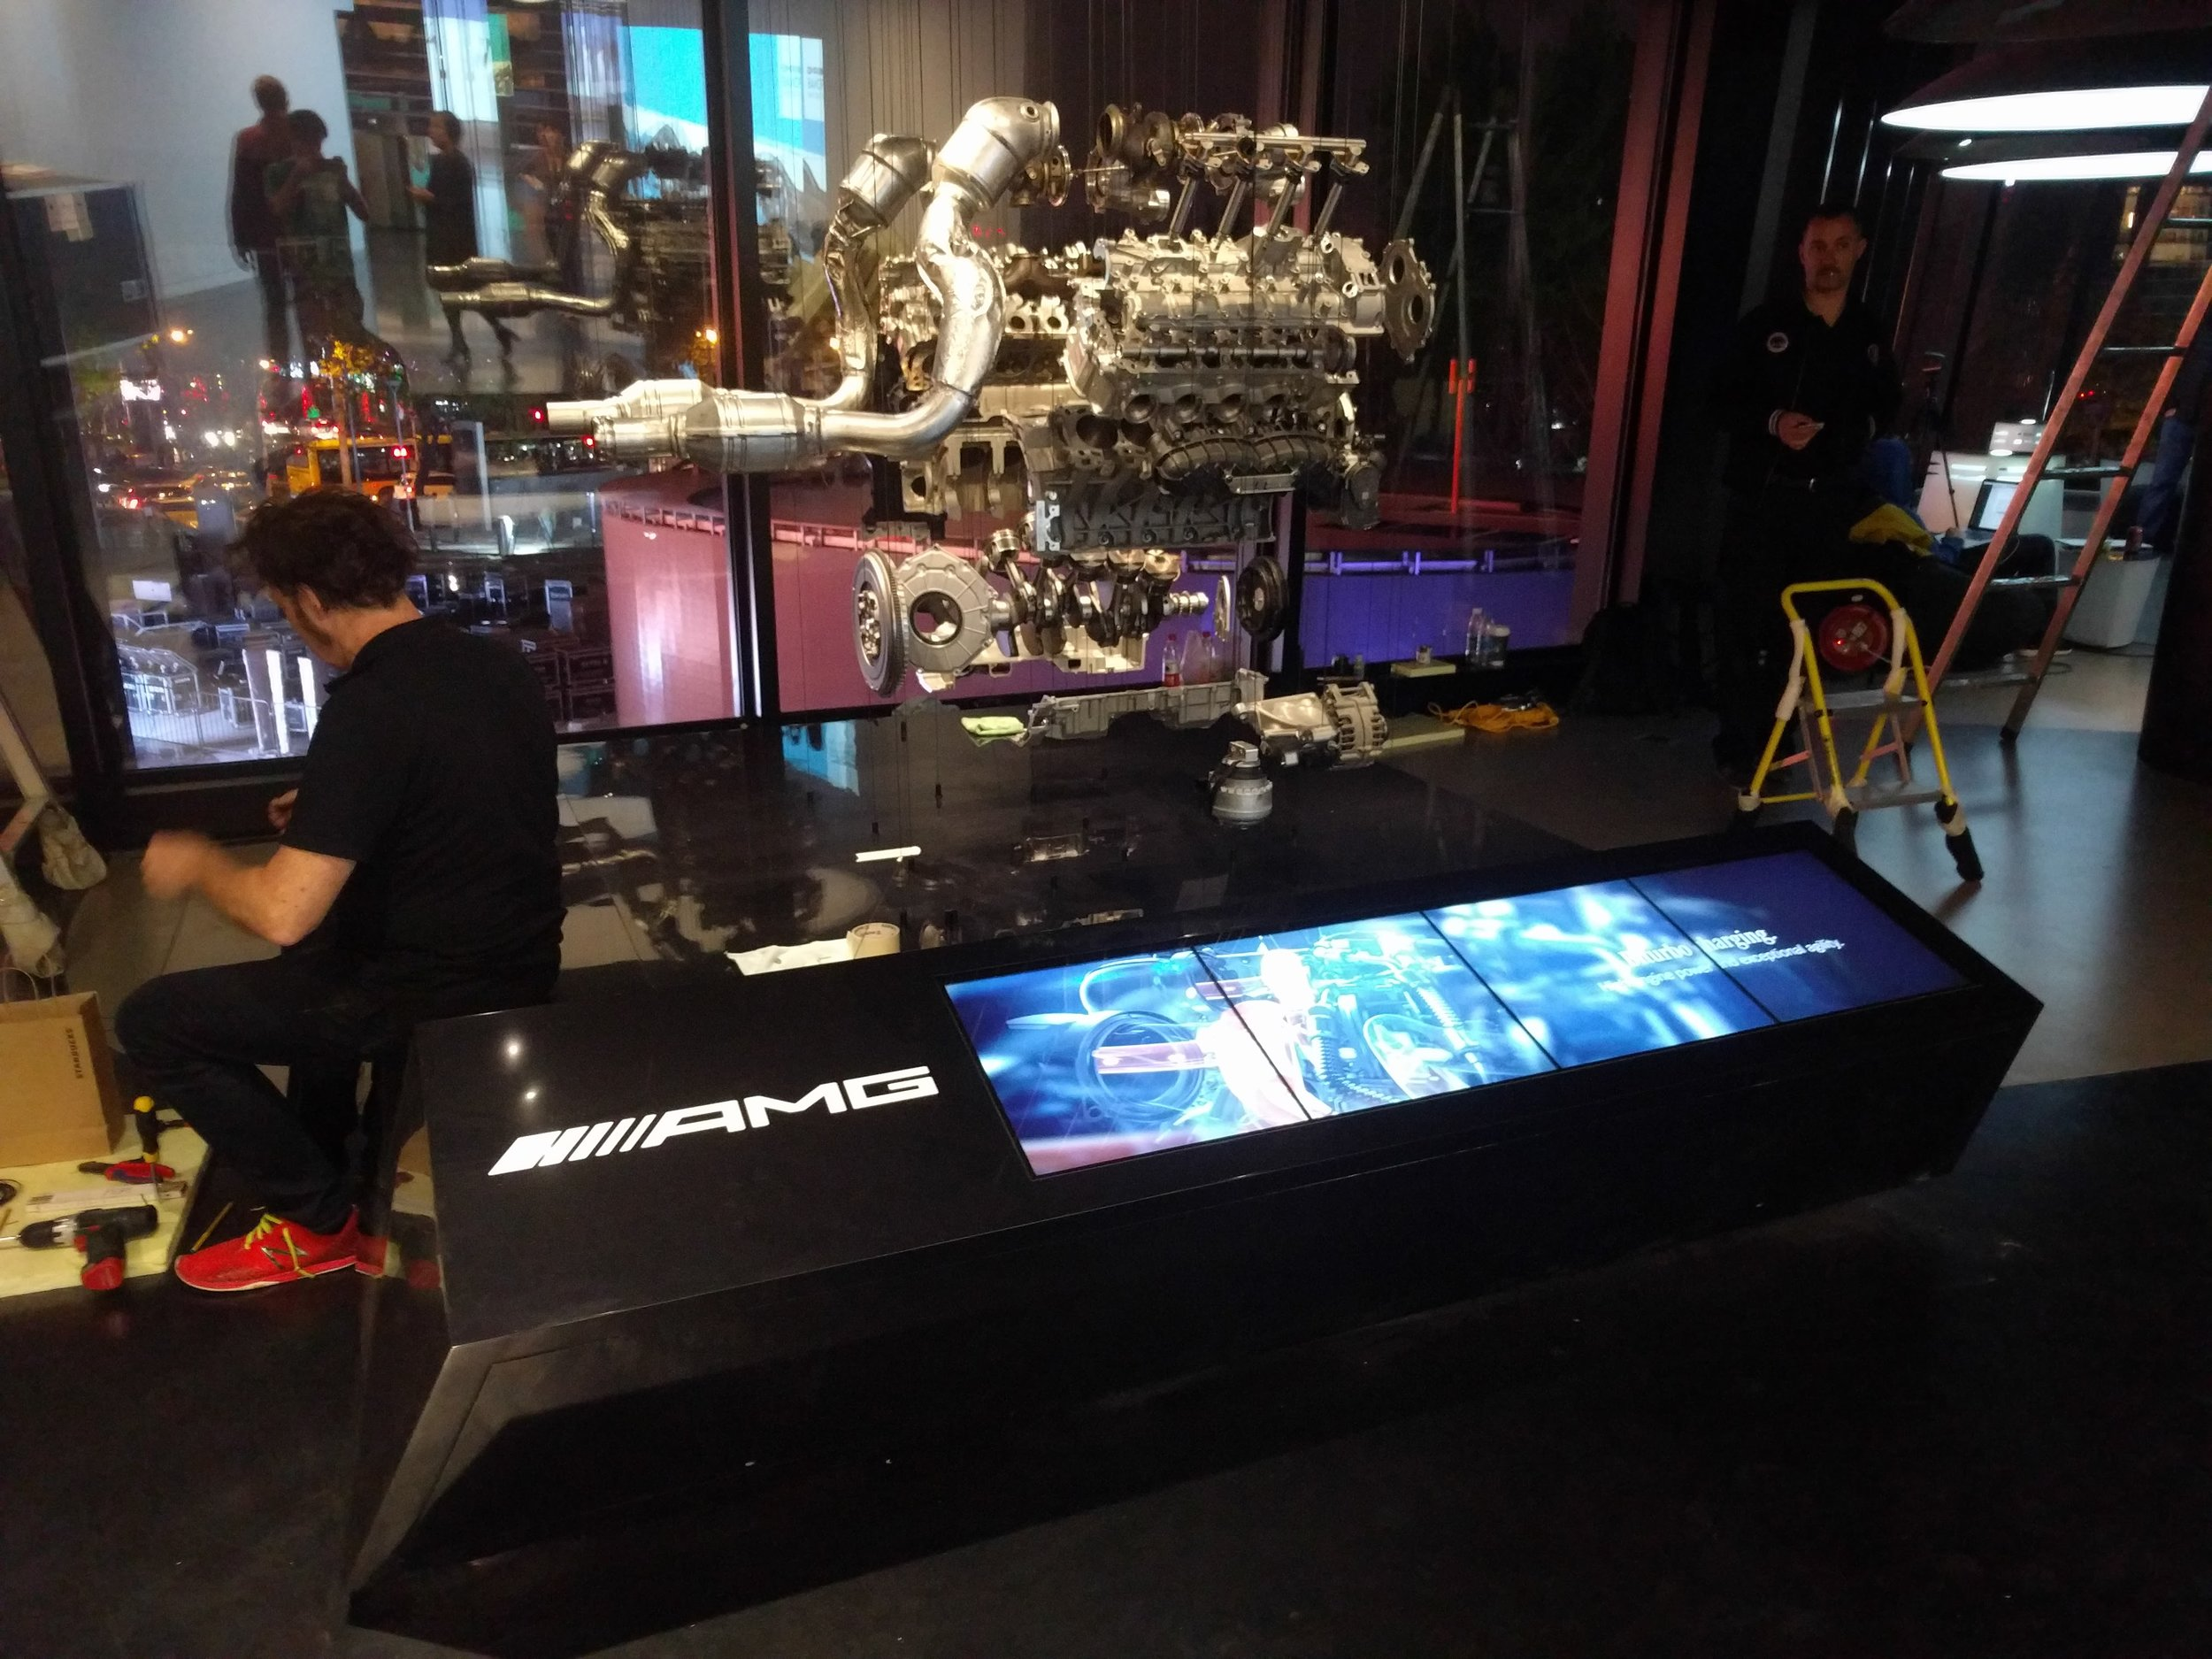 AMG Engine Sculpture